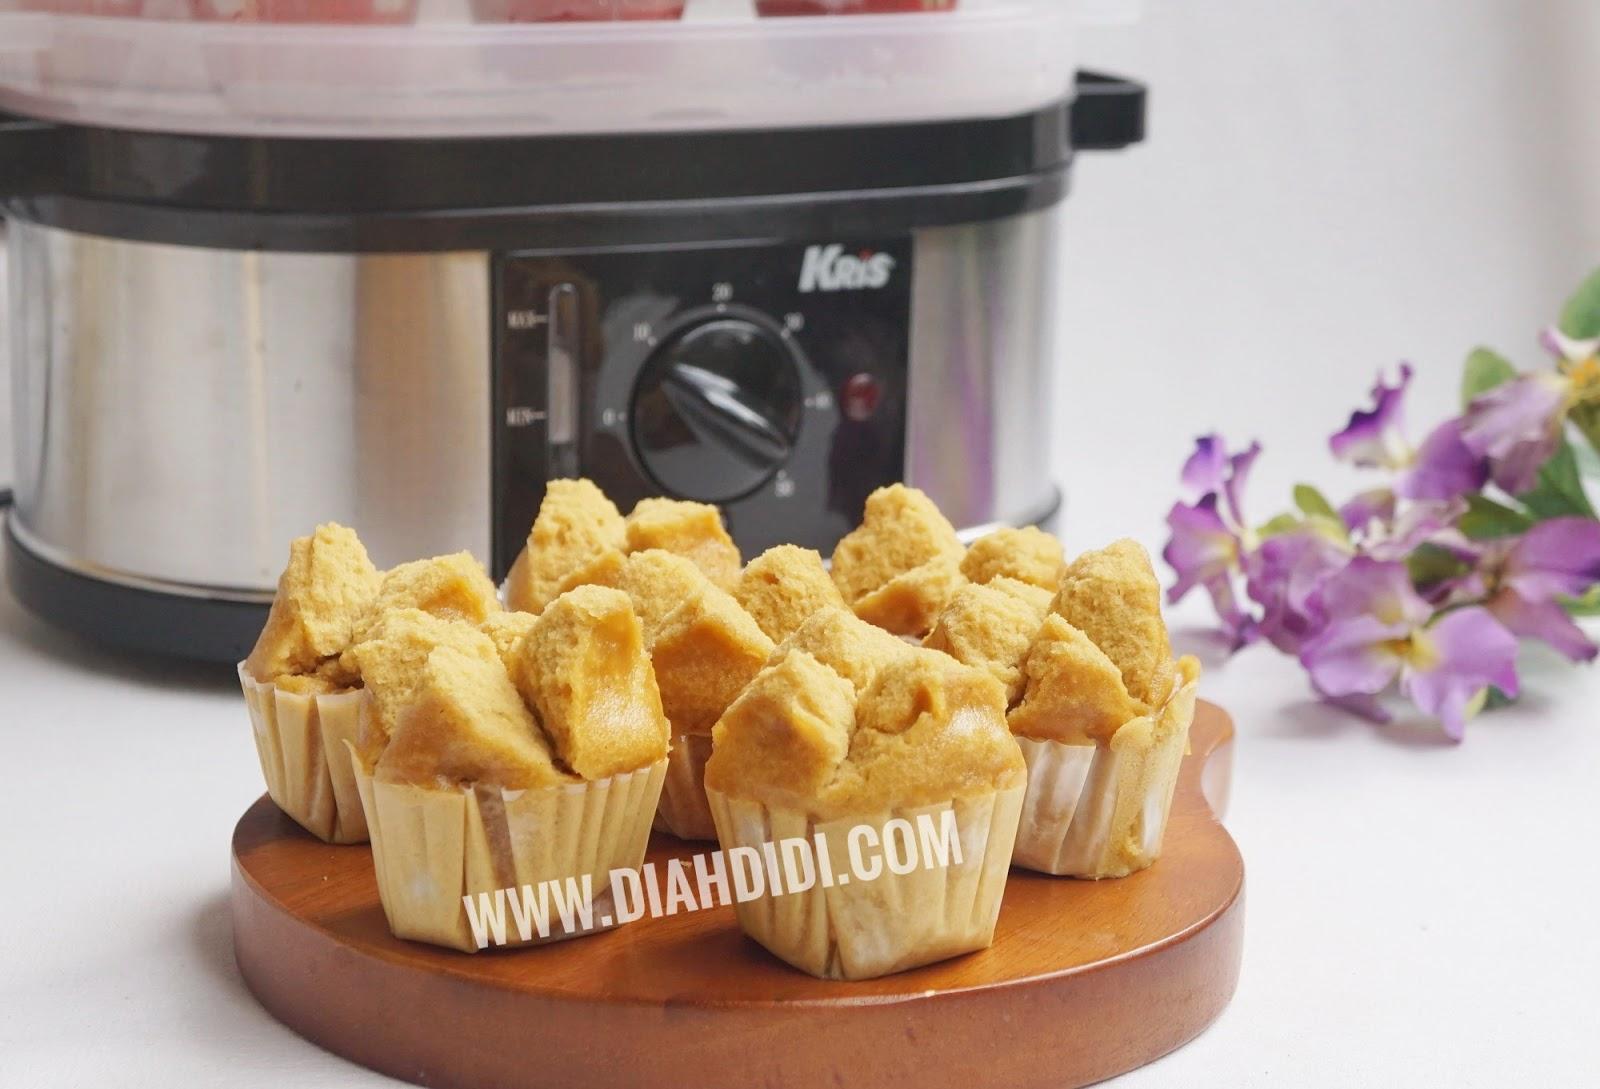 Diah Didis Kitchen Kacang Bawang Empuk Gurih Renyah Ayu 250gram By Bali Bolu Kukus Gula Merah